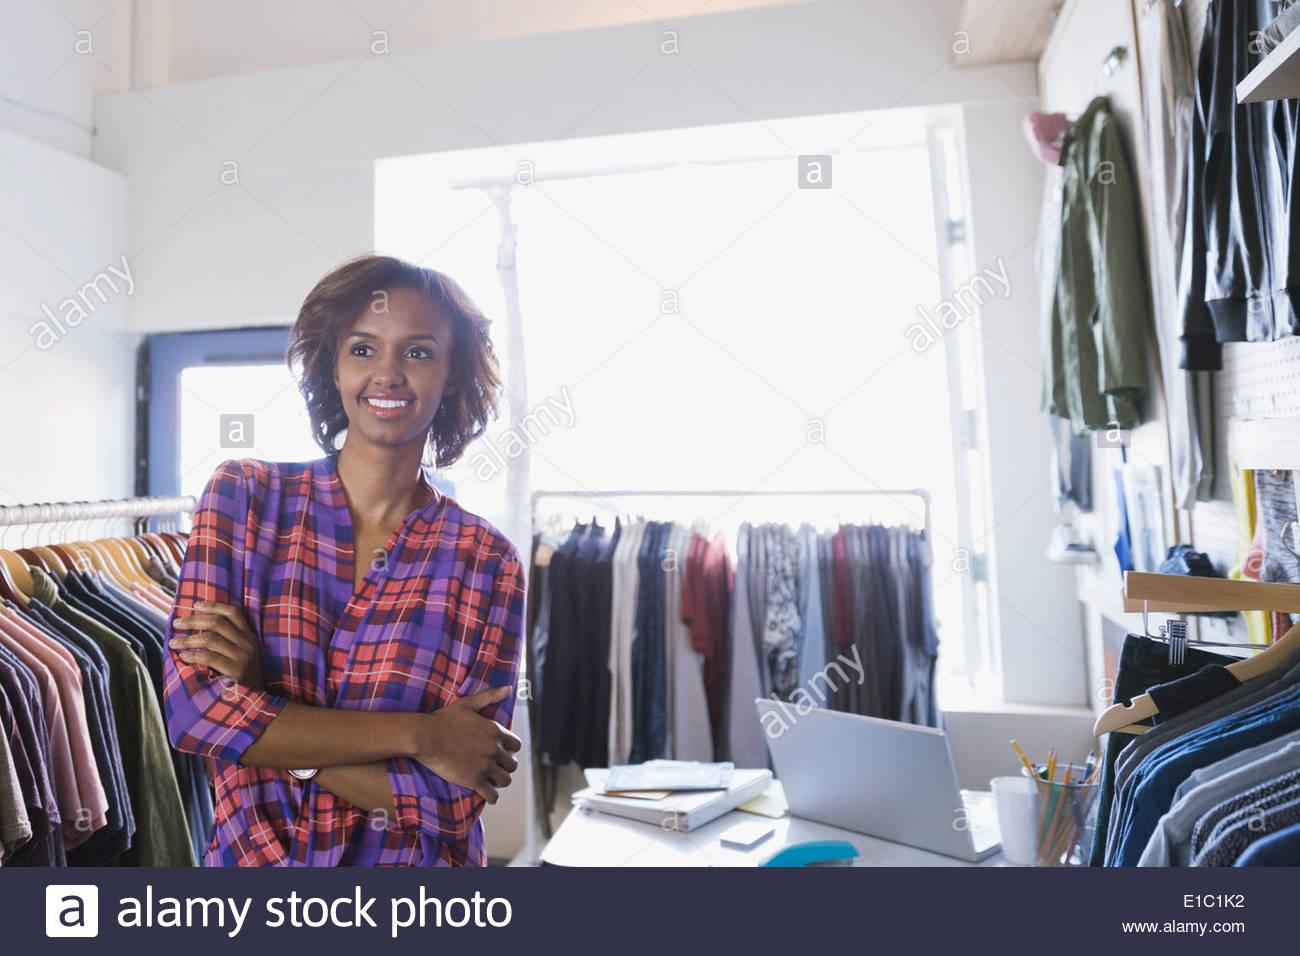 Zuversichtlich Geschäftsinhaber in Bekleidungsgeschäft Stockbild